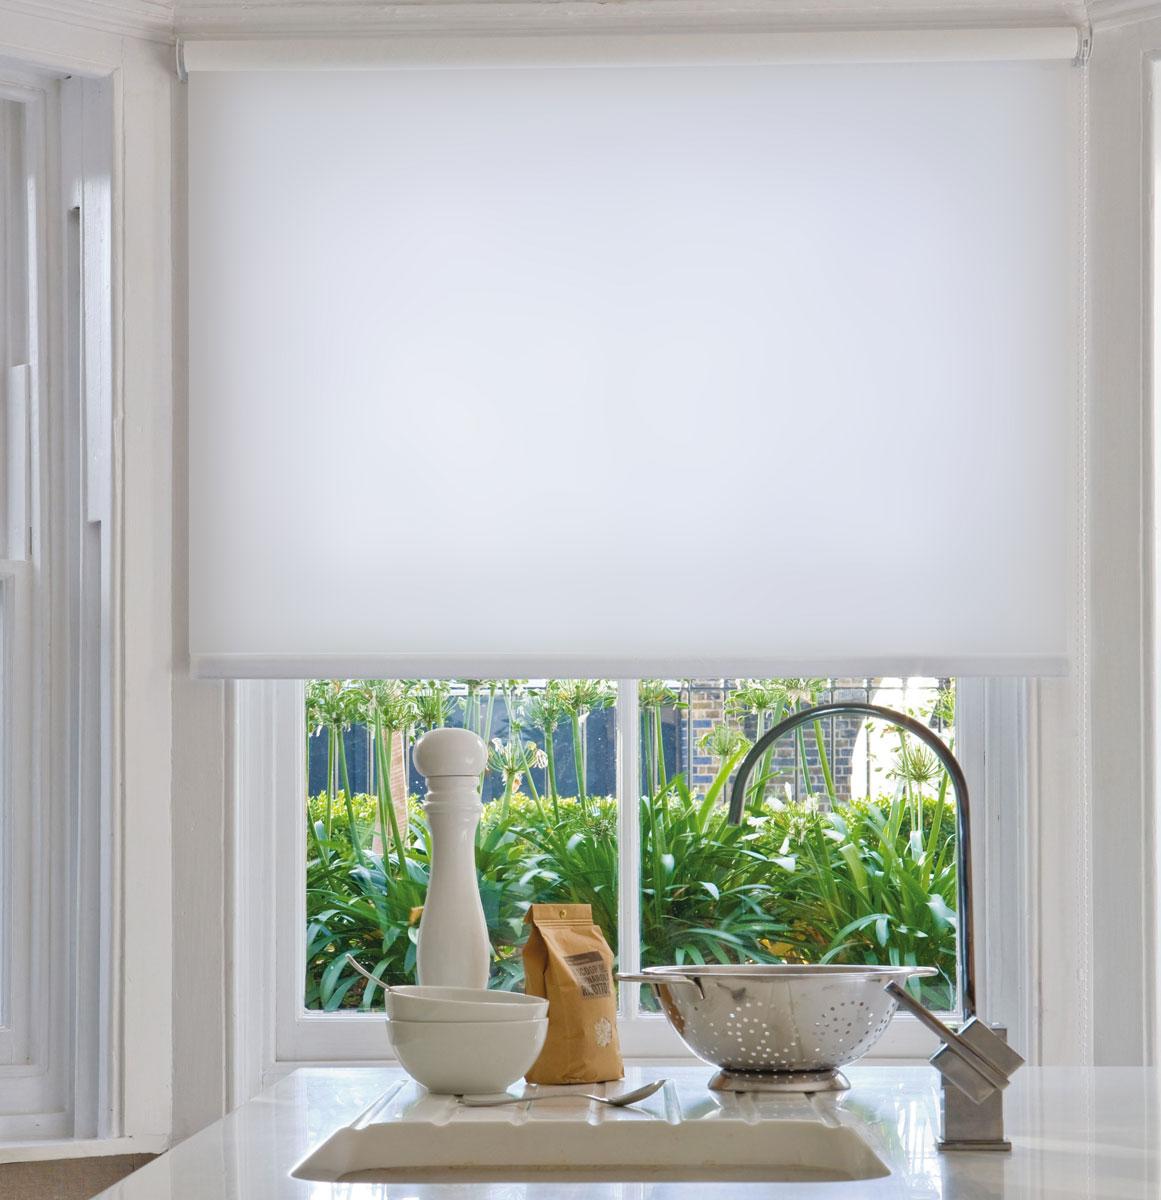 Миниролло KauffOrt 73х170 см, светонепроницаемая, цвет: белый94073007Рулонная штора Миниролло выполнена из высокопрочной полностью светонепроницаемой ткани белого цвета, которая сохраняет свой размер даже при намокании. Ткань не выцветает и обладает отличной цветоустойчивостью. Миниролло - это подвид рулонных штор, который закрывает не весь оконный проем, а непосредственно само стекло. Такие шторы крепятся на раму без сверления при помощи зажимов или клейкой двухсторонней ленты. Окно остаётся на гарантии, благодаря монтажу без сверления. Такая штора станет прекрасным элементом декора окна и гармонично впишется в интерьер любого помещения.